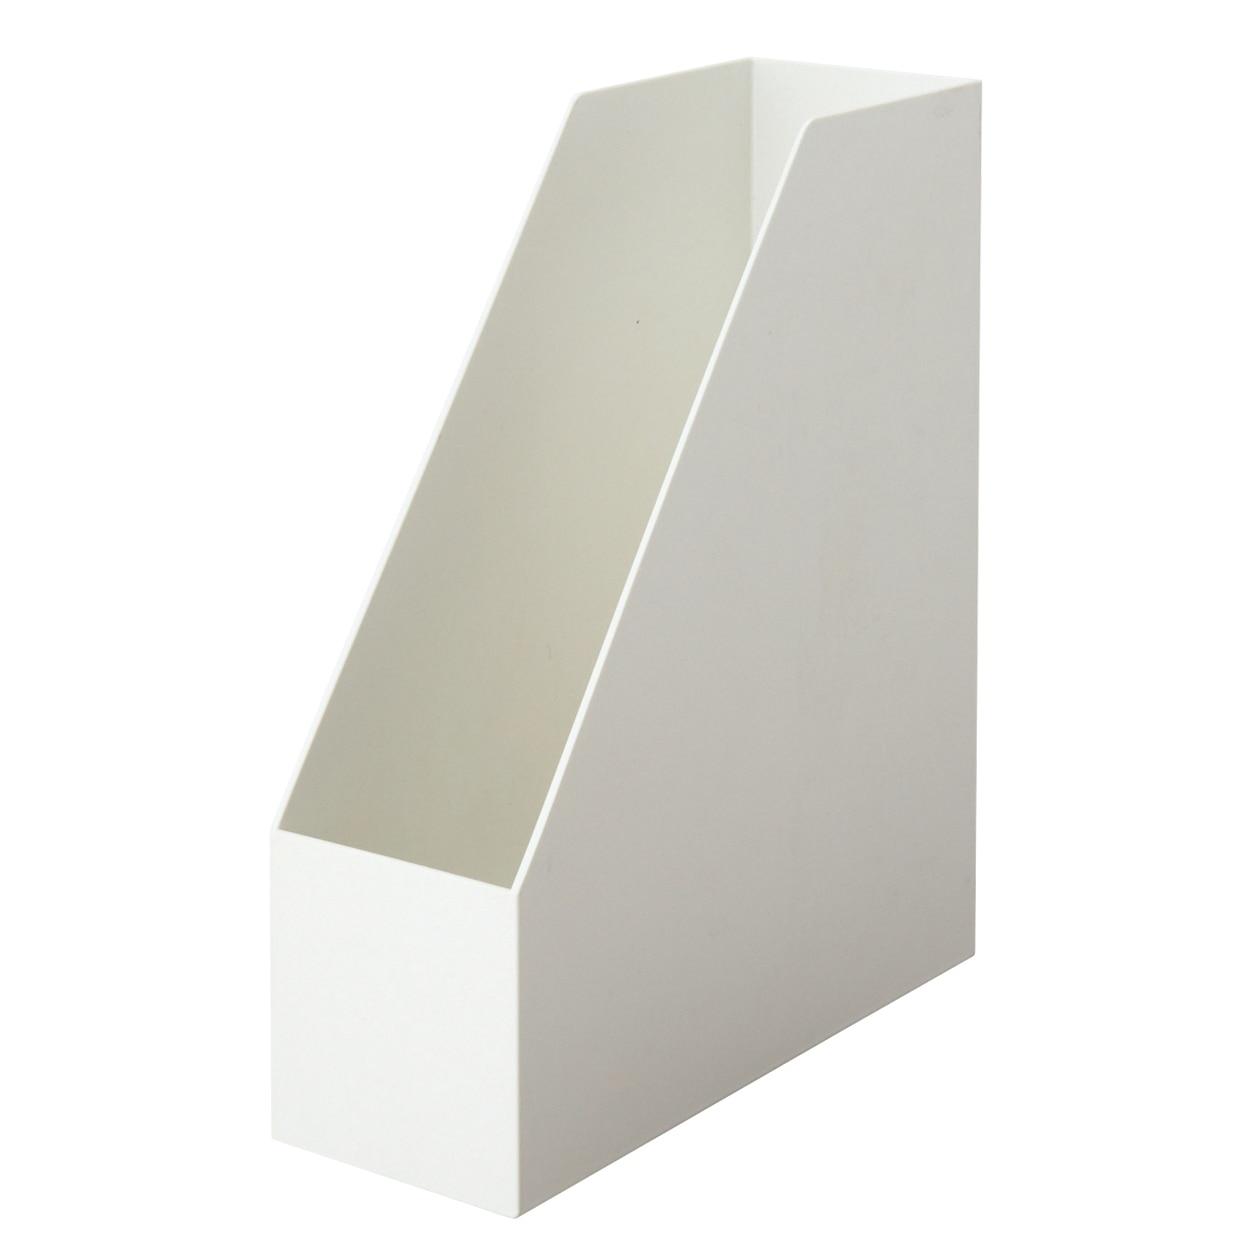 【まとめ買い】ポリプロピレンスタンドファイルボックス ホワイトグレー